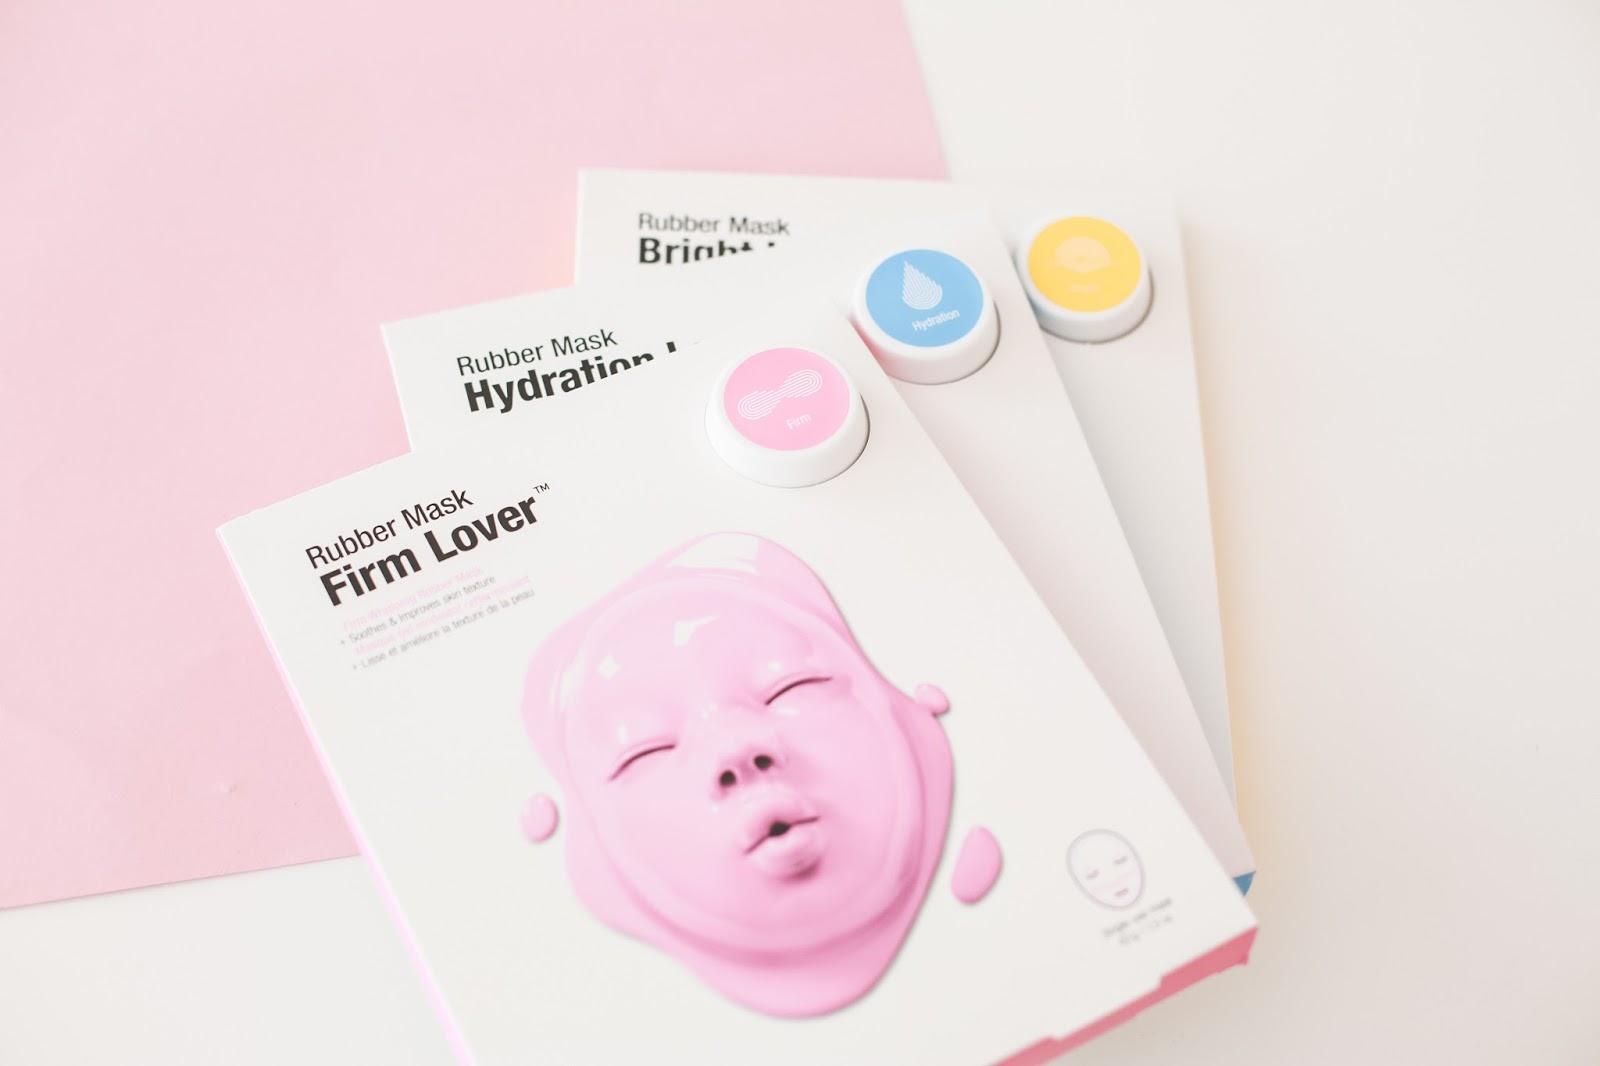 rubber Masks Dr Jart+ x Kenzo